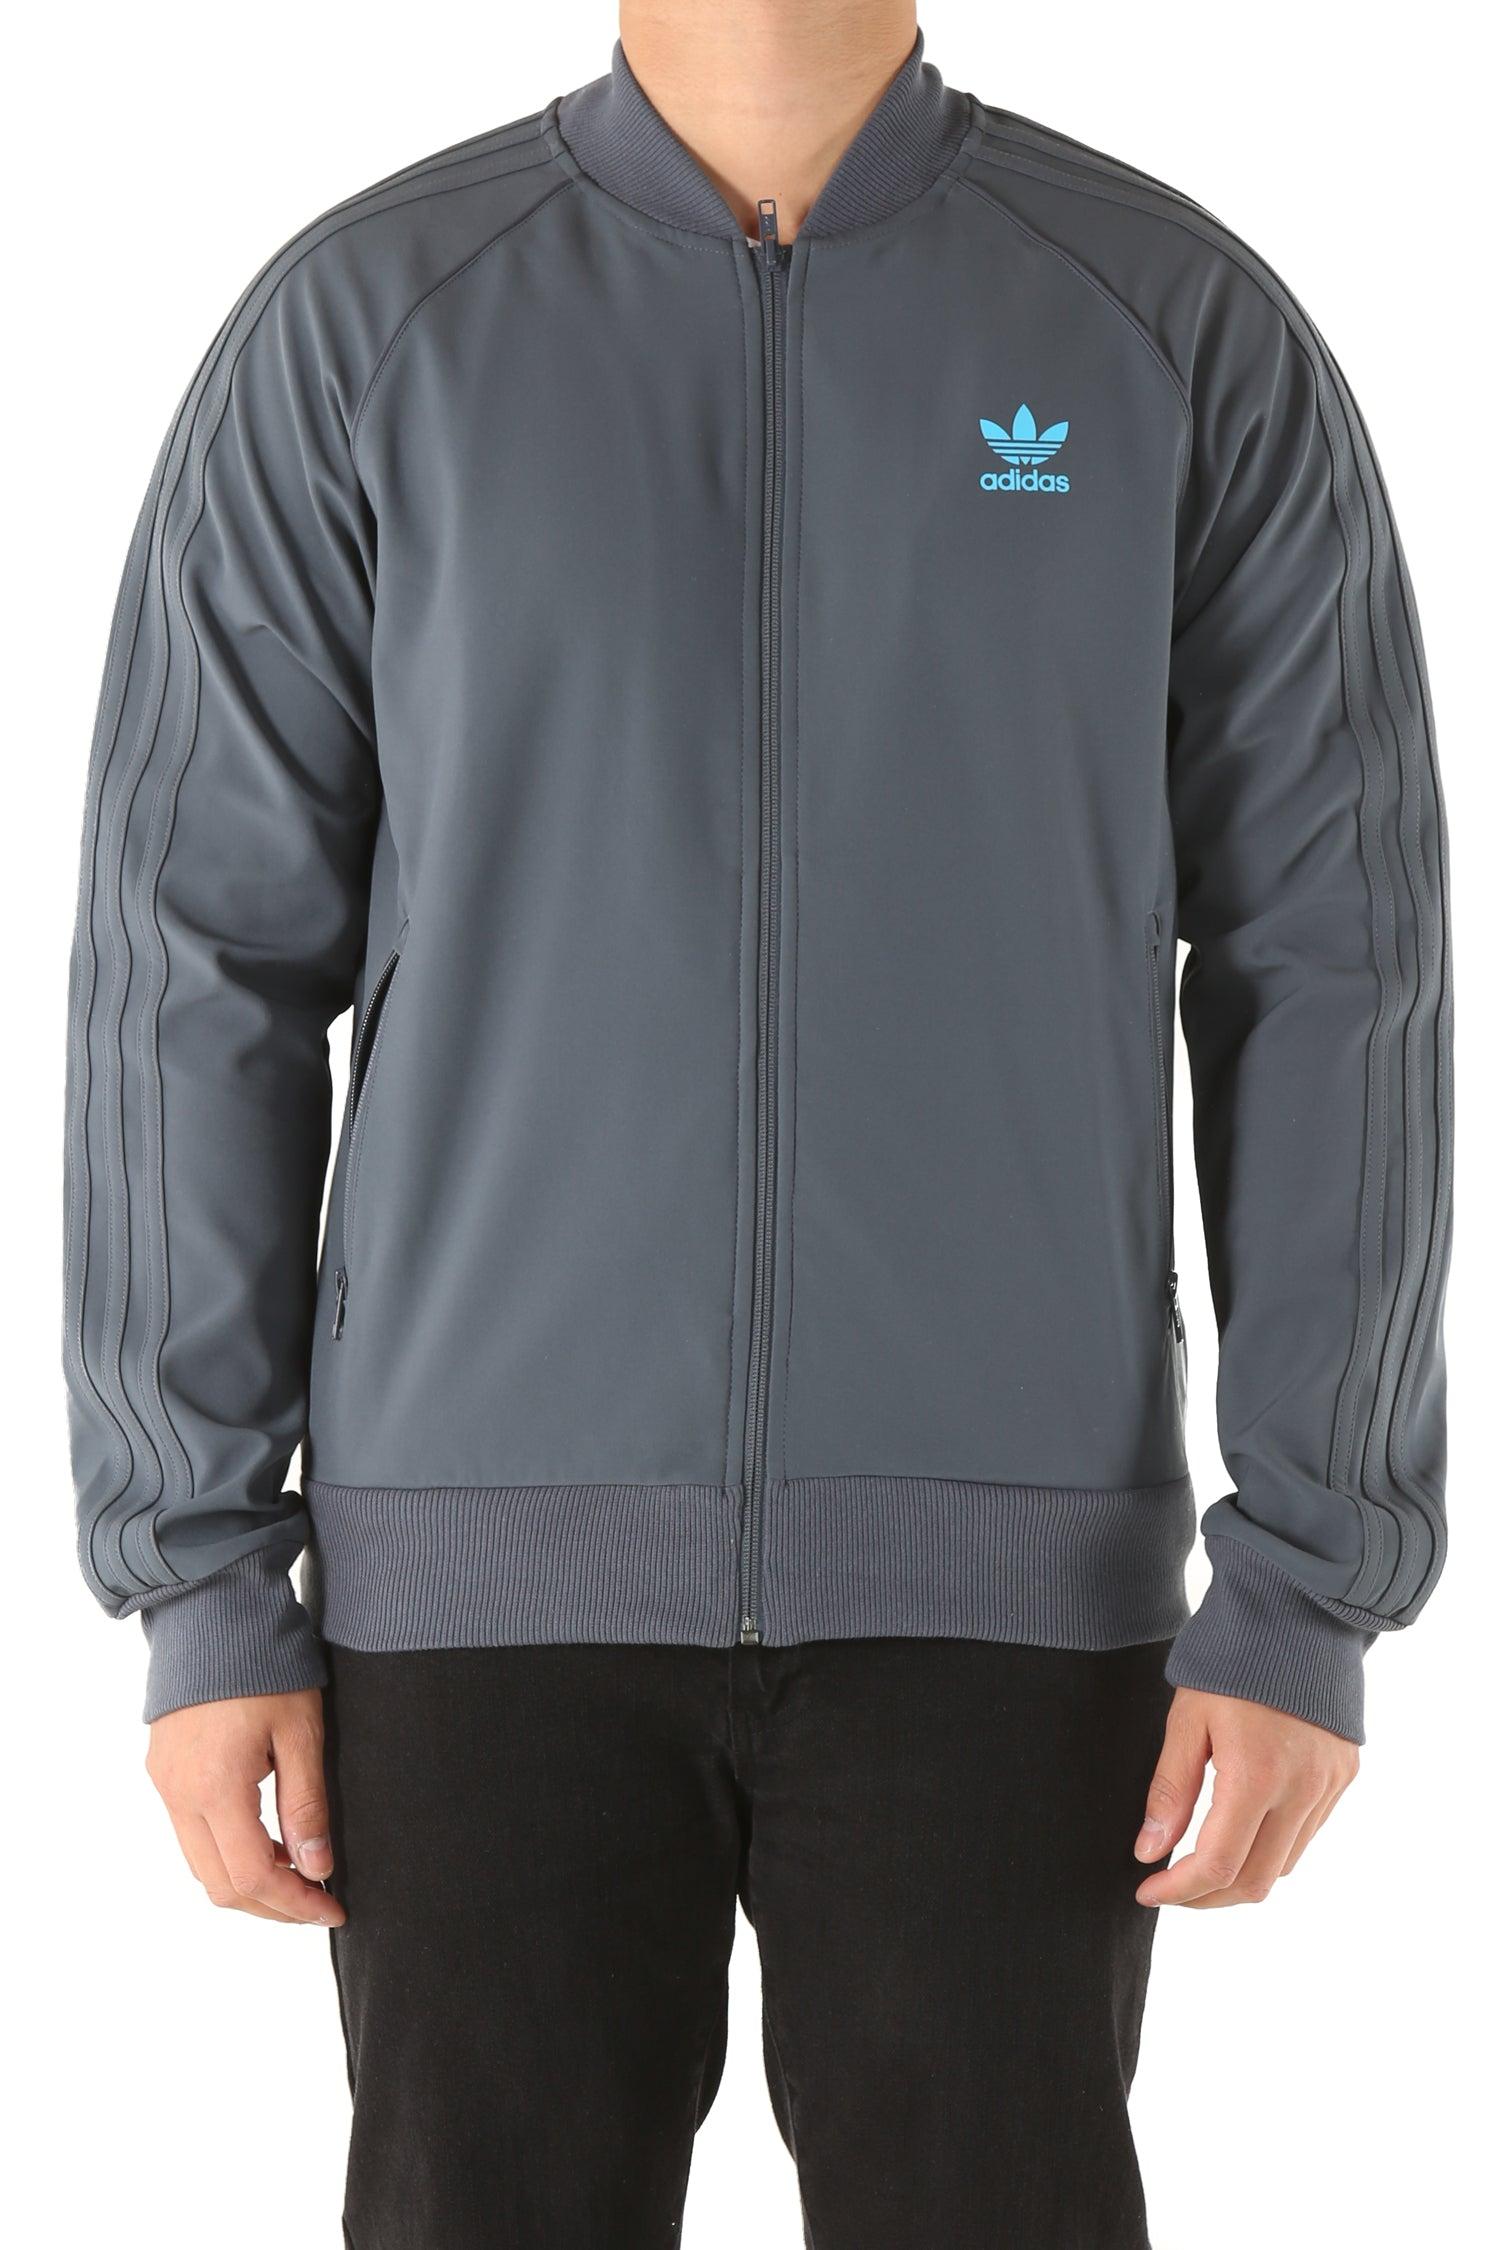 Adidas Superstar Track Jacket 2.0 SlateBlueLight Blue